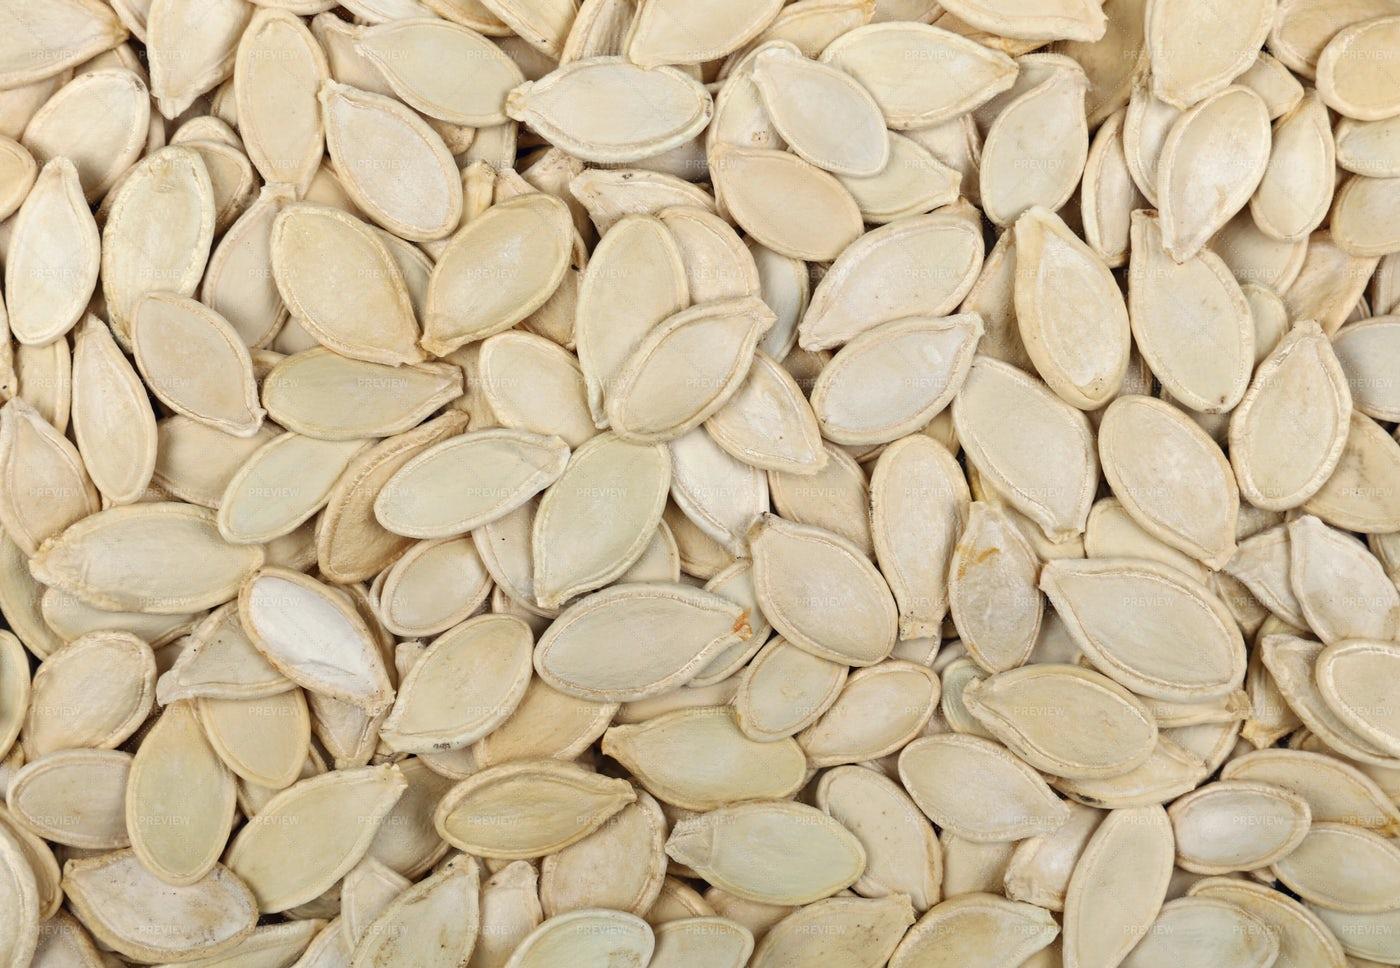 Raw Pumpkin Seeds: Stock Photos